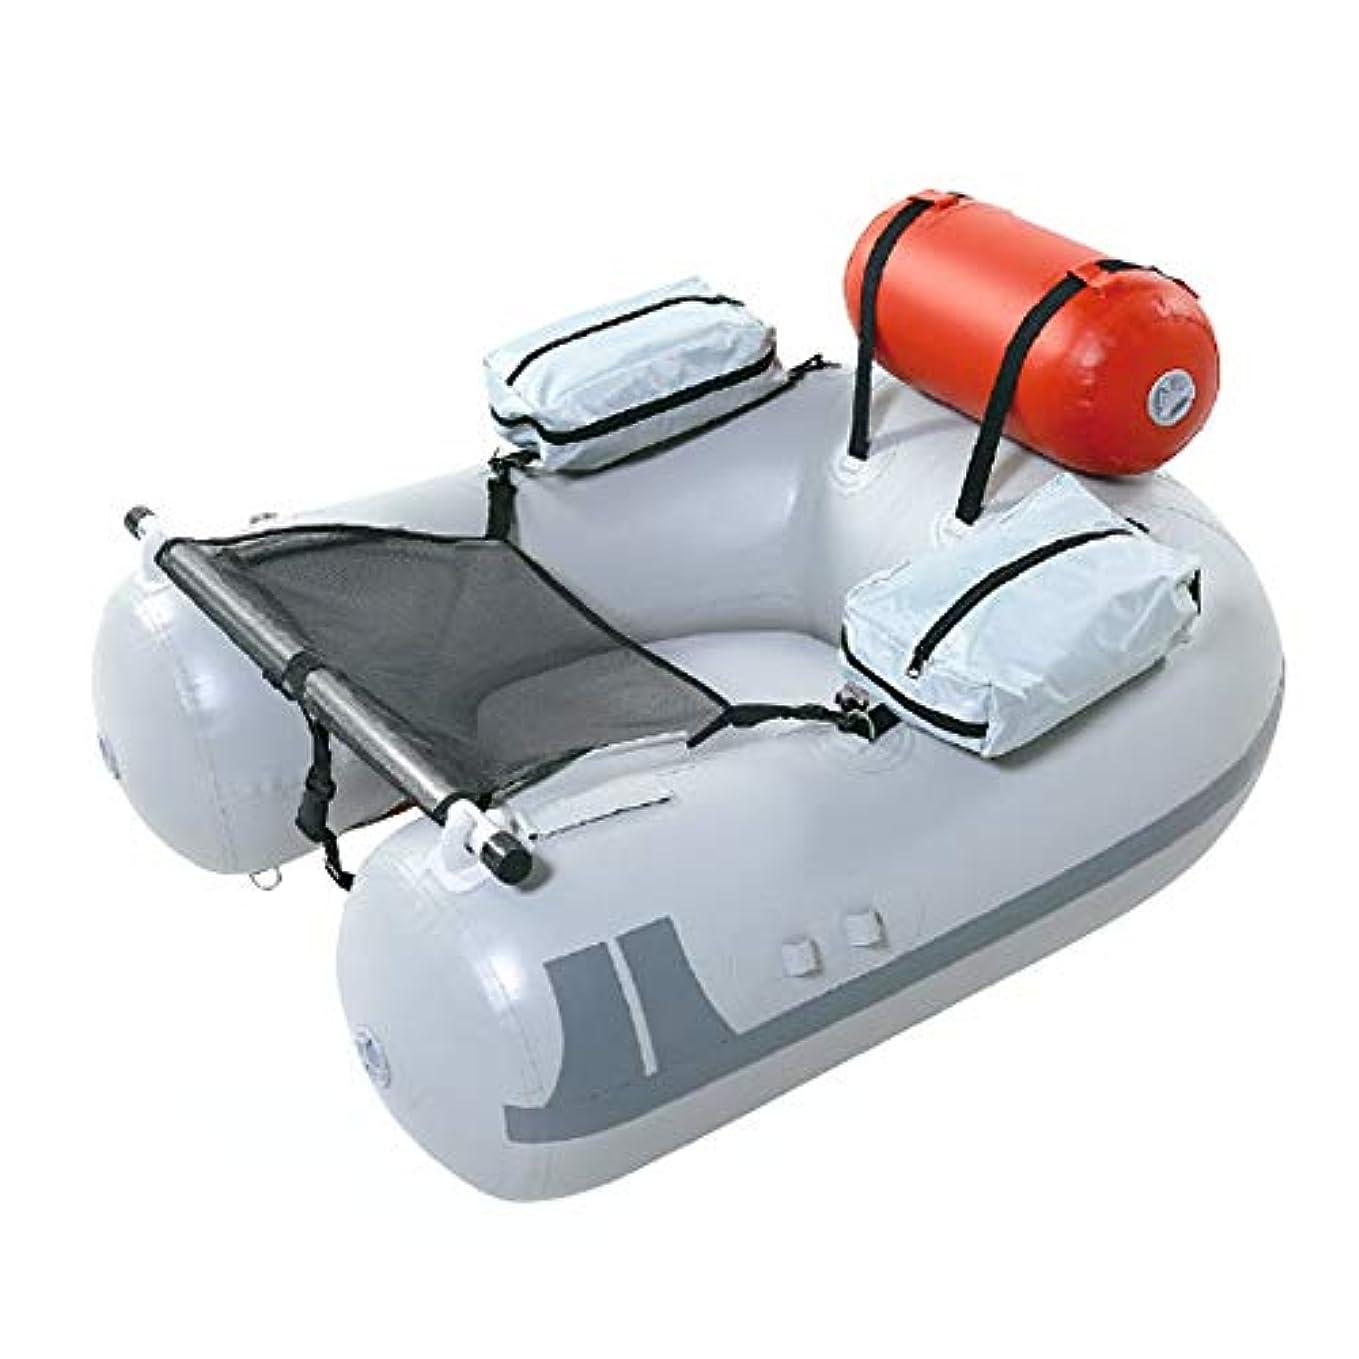 家畜普遍的な一貫性のない【JOYCRAFT/ジョイクラフト】フィッシングフローター JU-3N 1人乗り U型 ボート